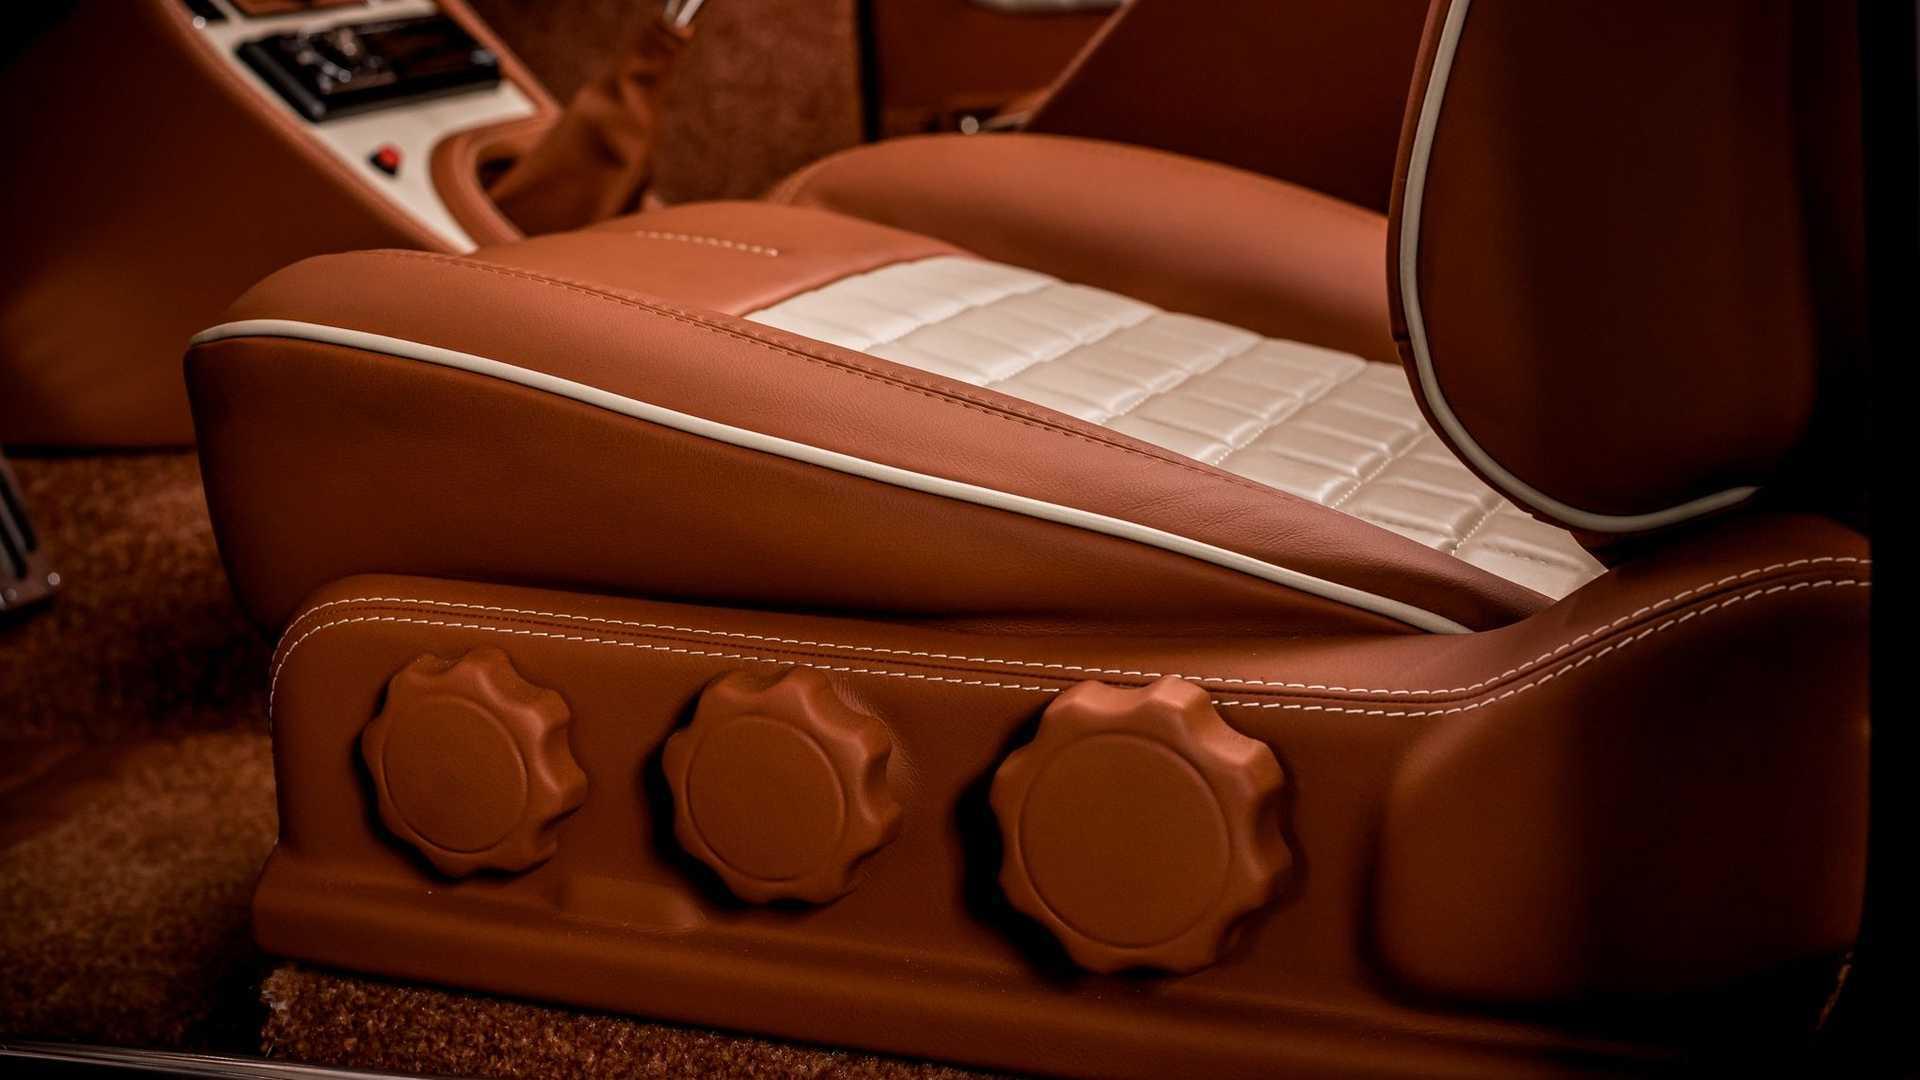 Сиденья Toyota, которые обернуты тонкой коричневой кожей